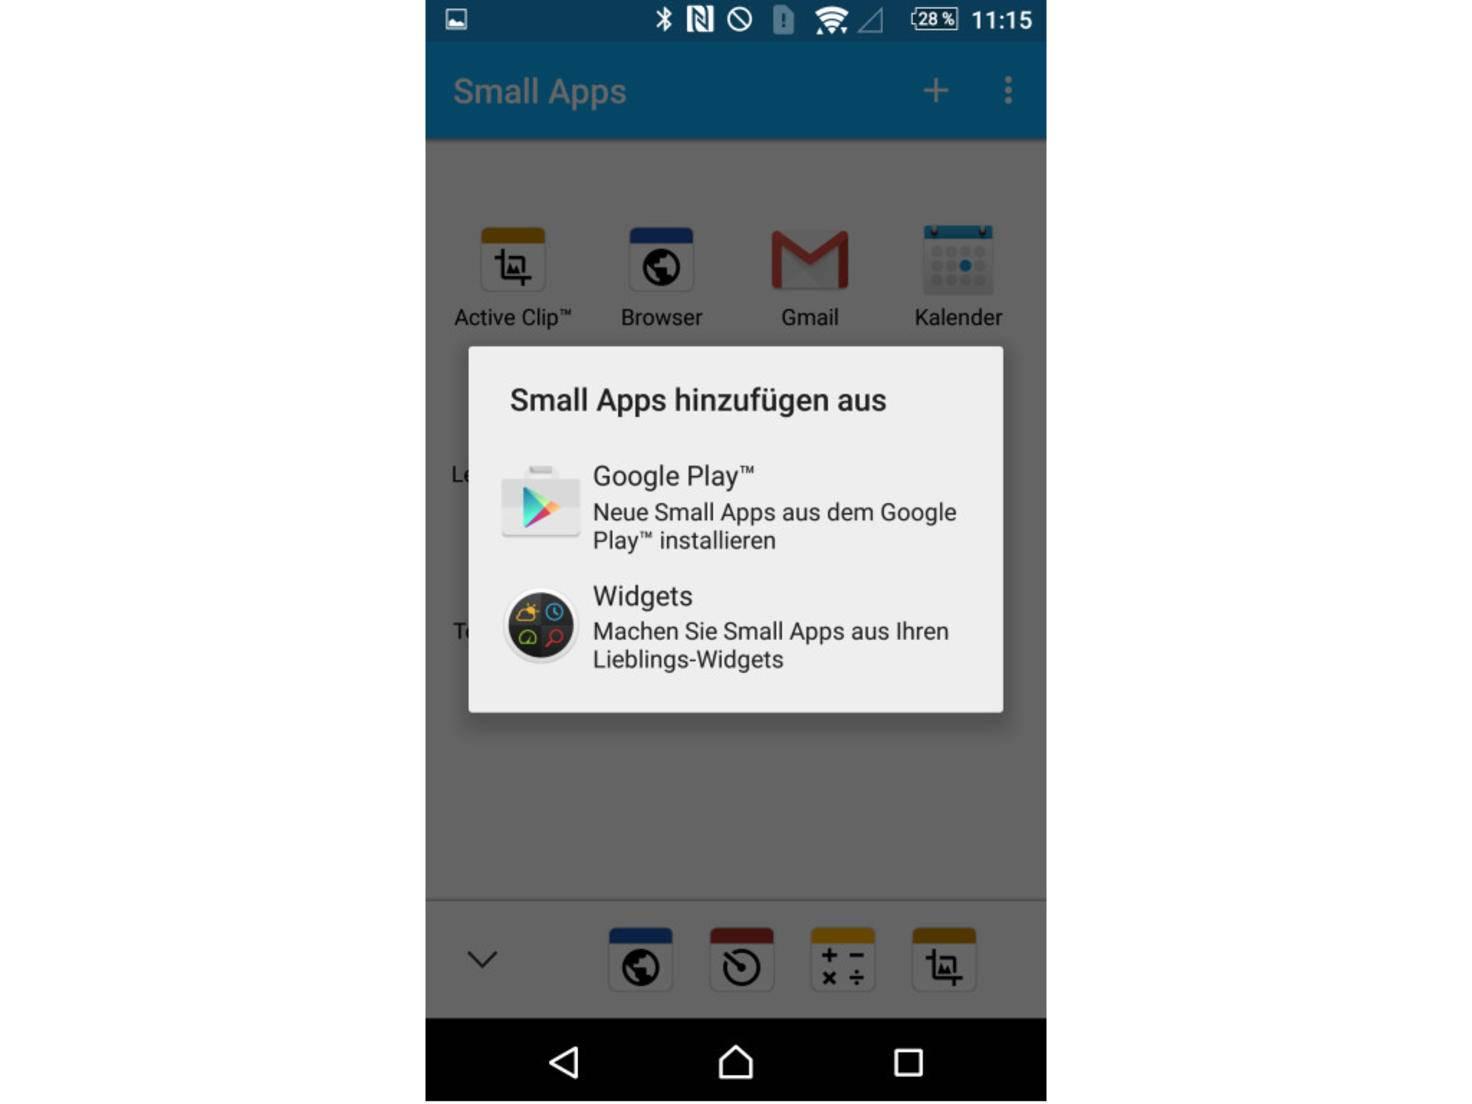 Weitere Anwendungen lassen sich via Google Play hinzufügen.